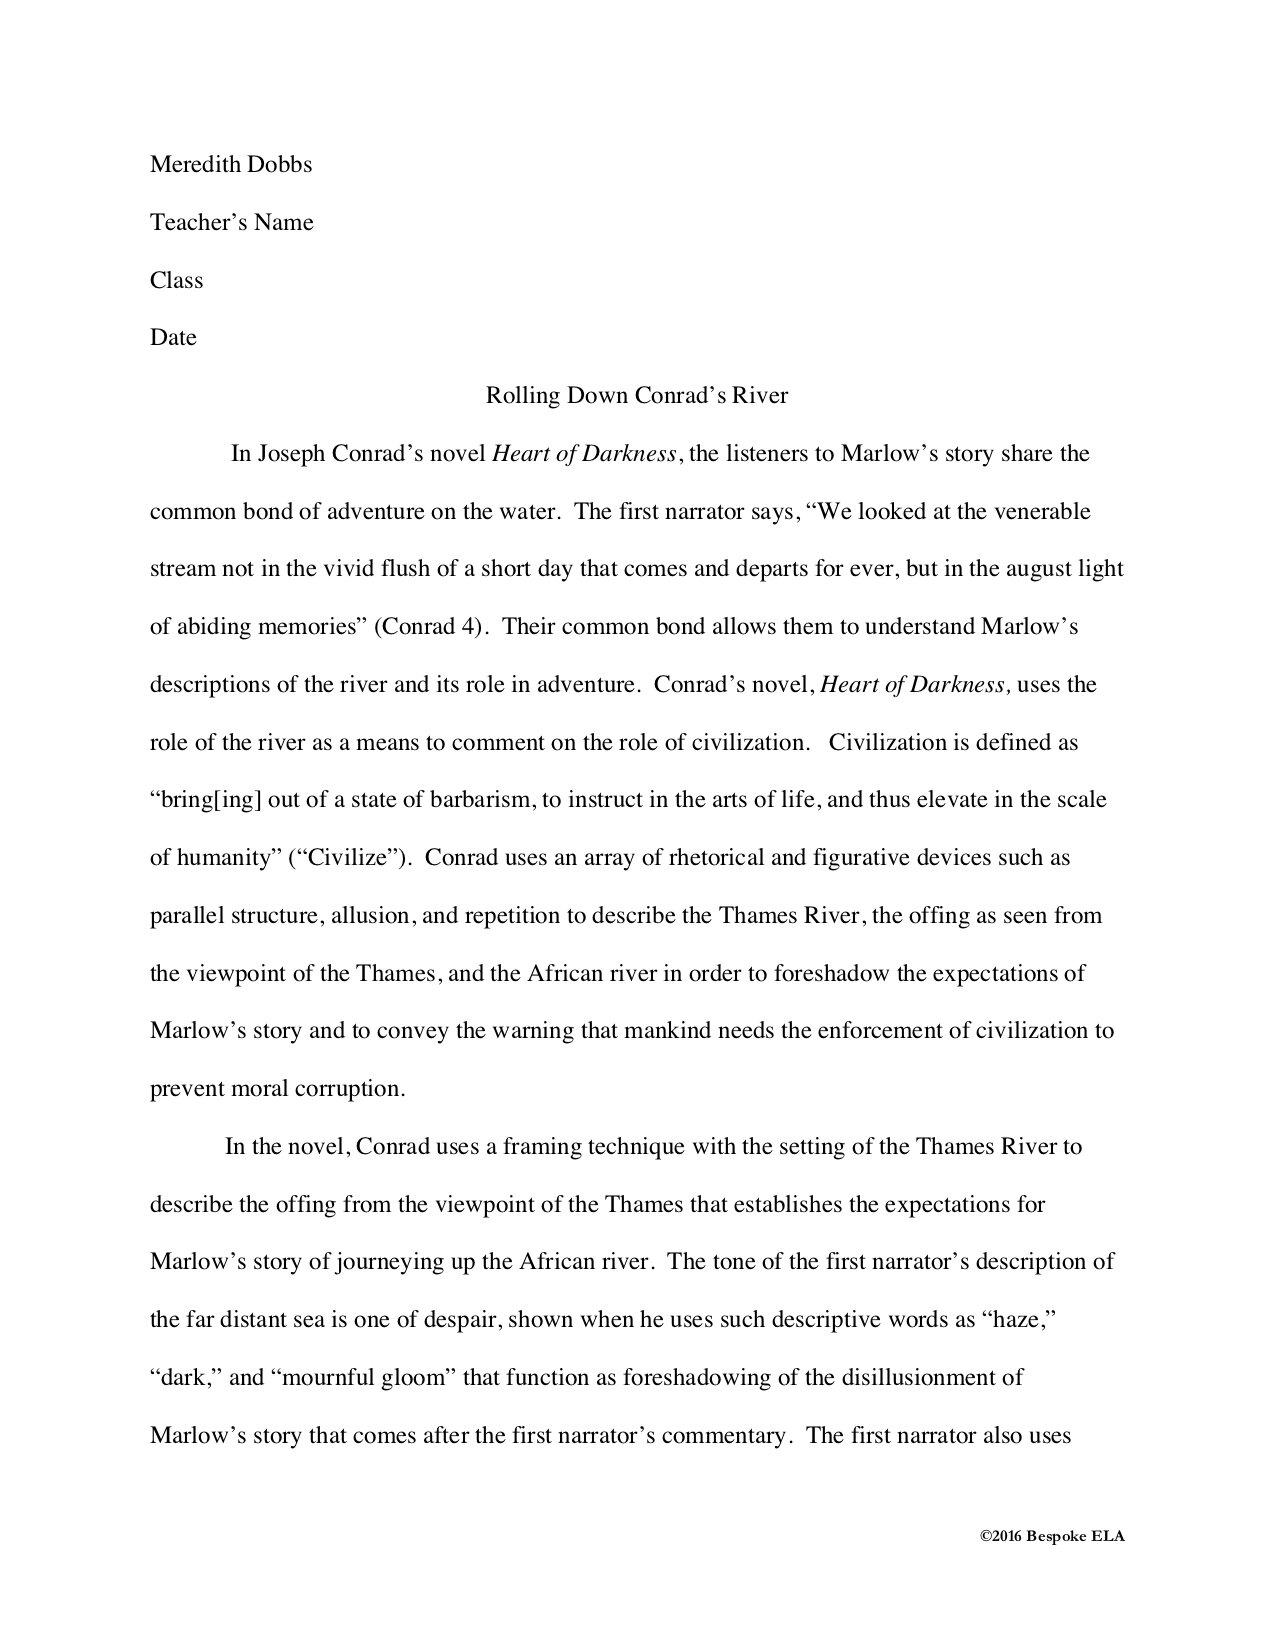 help with my world literature essay